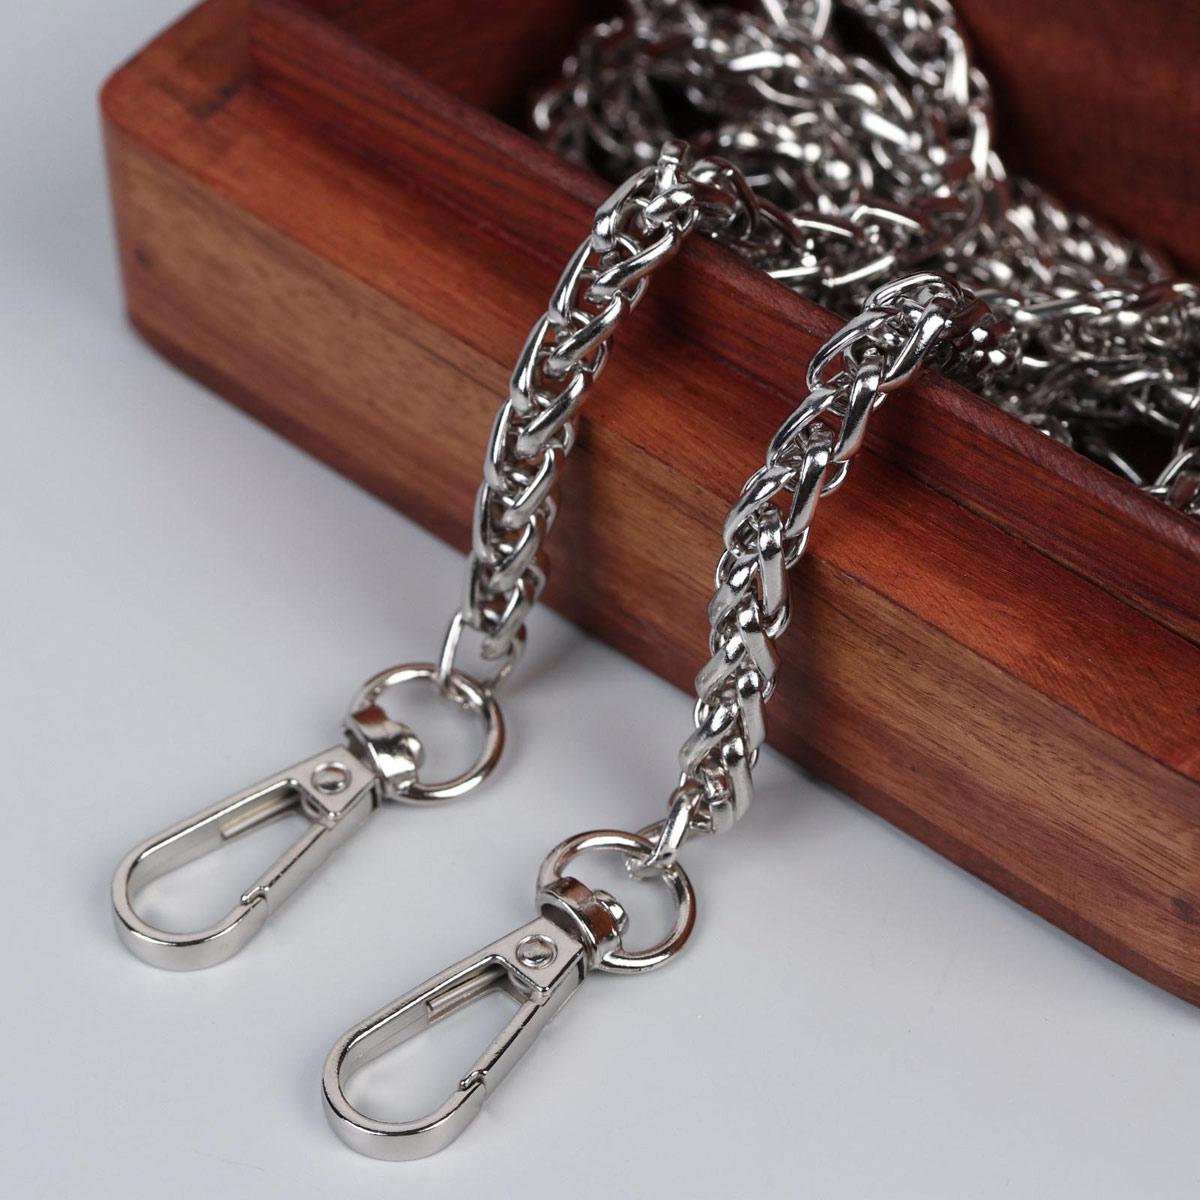 5294062 Цепочка для сумки с карабинами железо d0,7см*120см серебряный